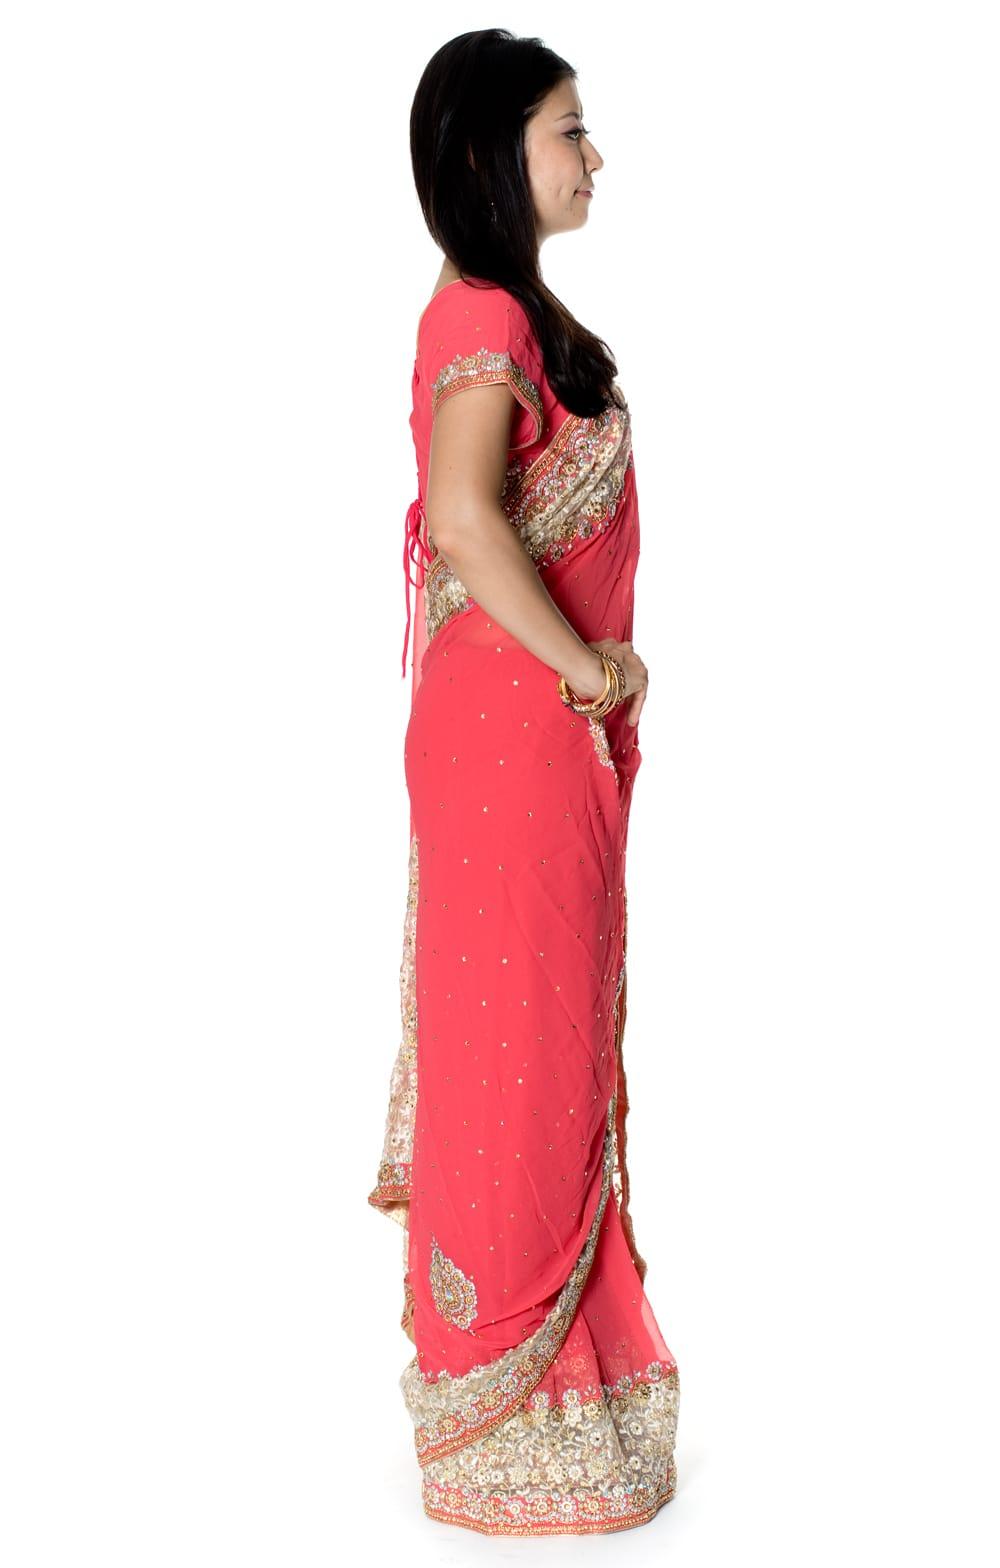 【一点物】刺繍とビジューの婚礼用ゴージャス ジョーゼットサリー【チョリ付き】 - ピンク 4 - 横からの写真です